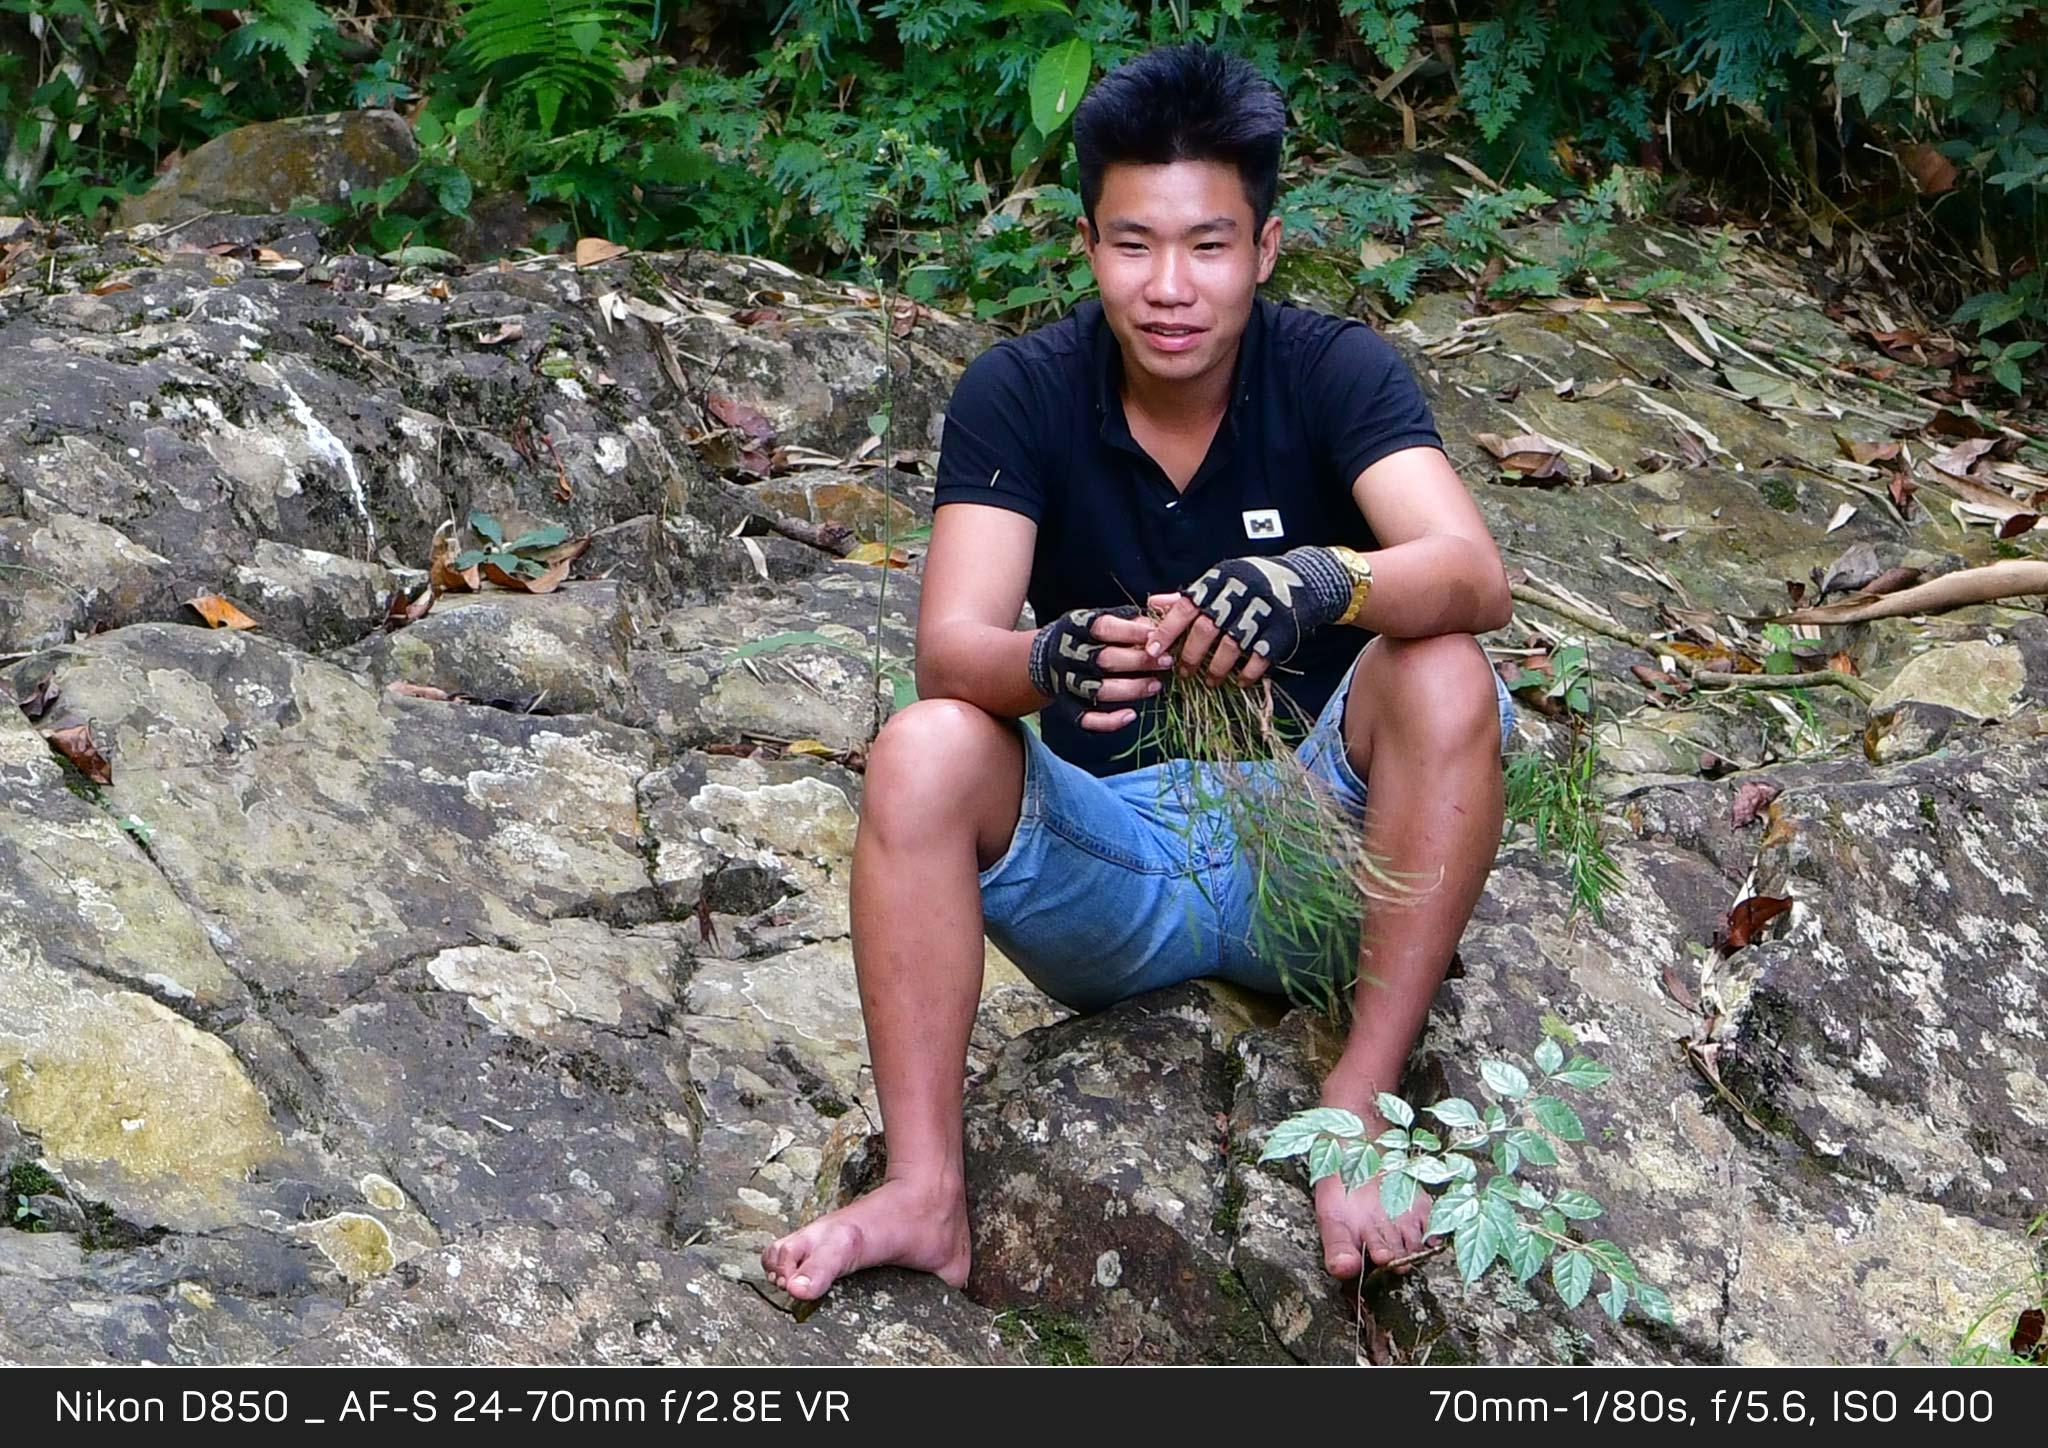 Đang tải Nikon-D850_chi-tiet_KH2_6443-Crop.jpg…